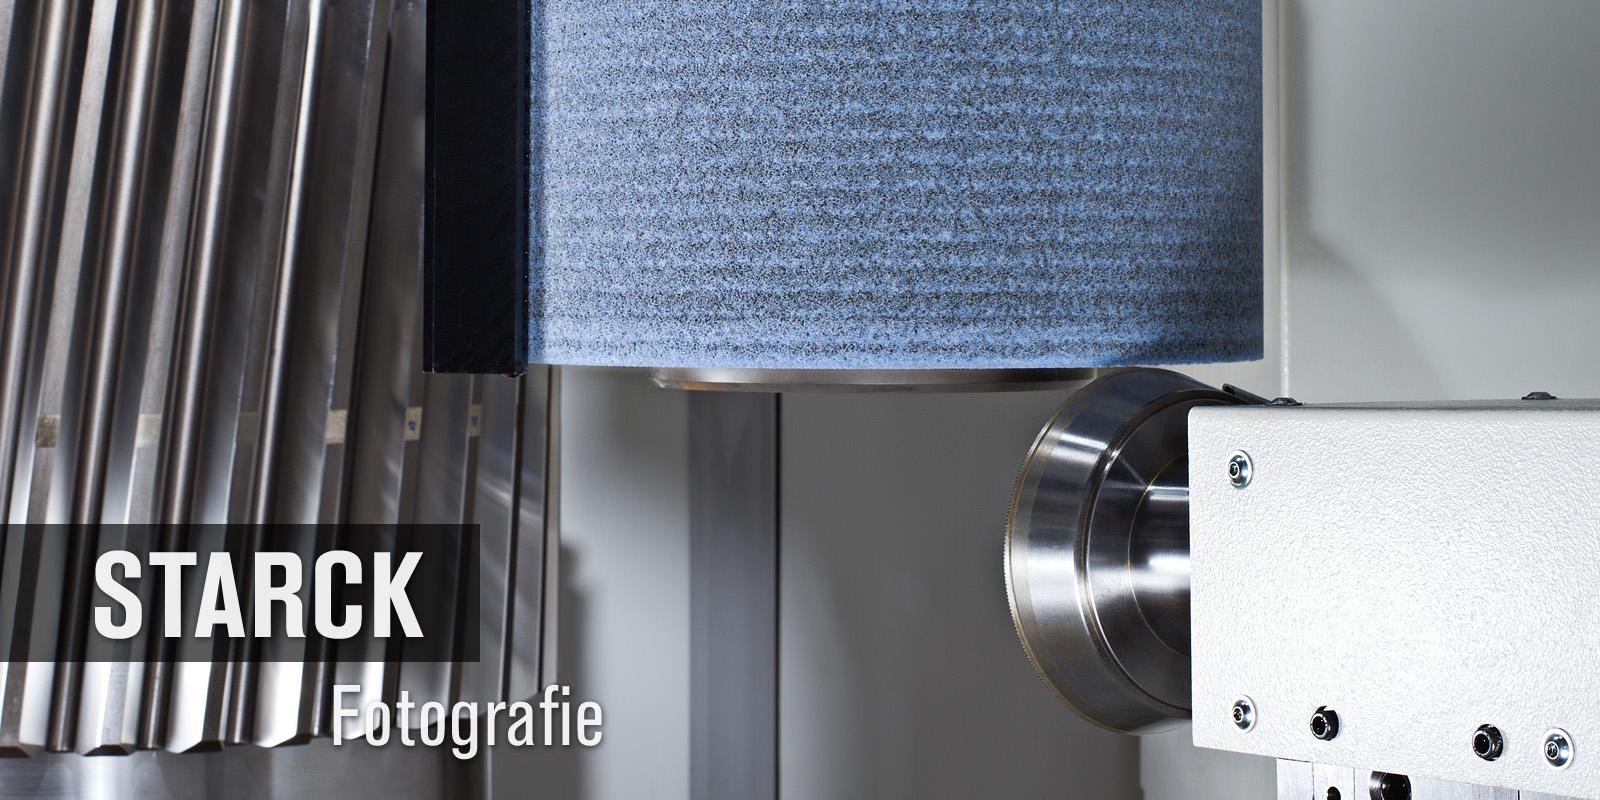 Bearbeitungszentrum Zahnrad Detailaufnahme - Thomas Starck Industriefotografie